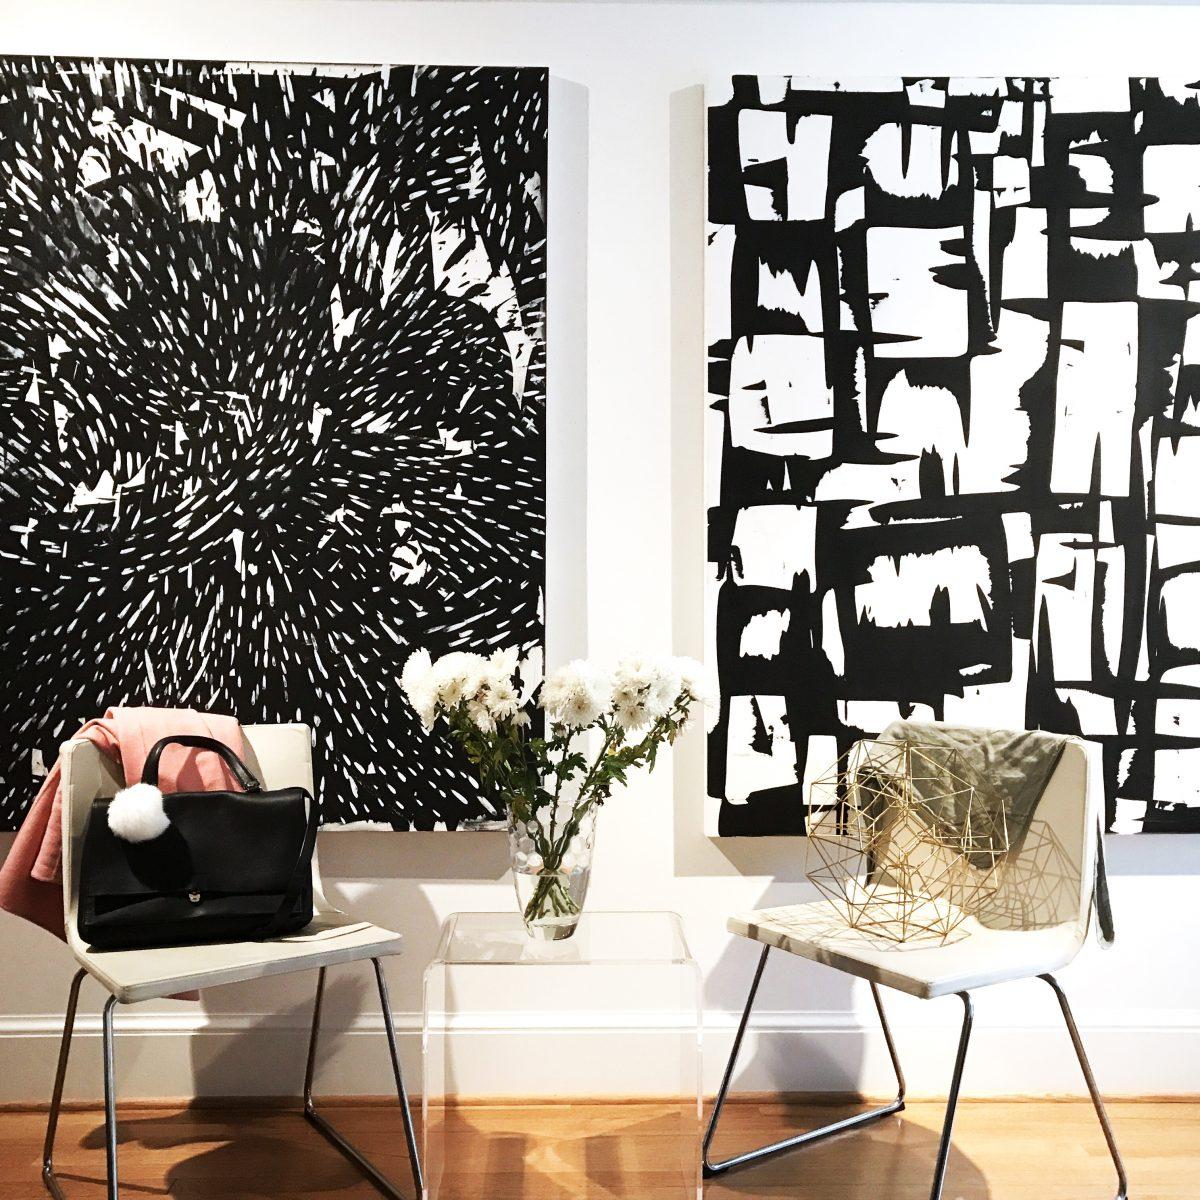 EVDBJL - Edmond van der Bijl - Featured - Paintings